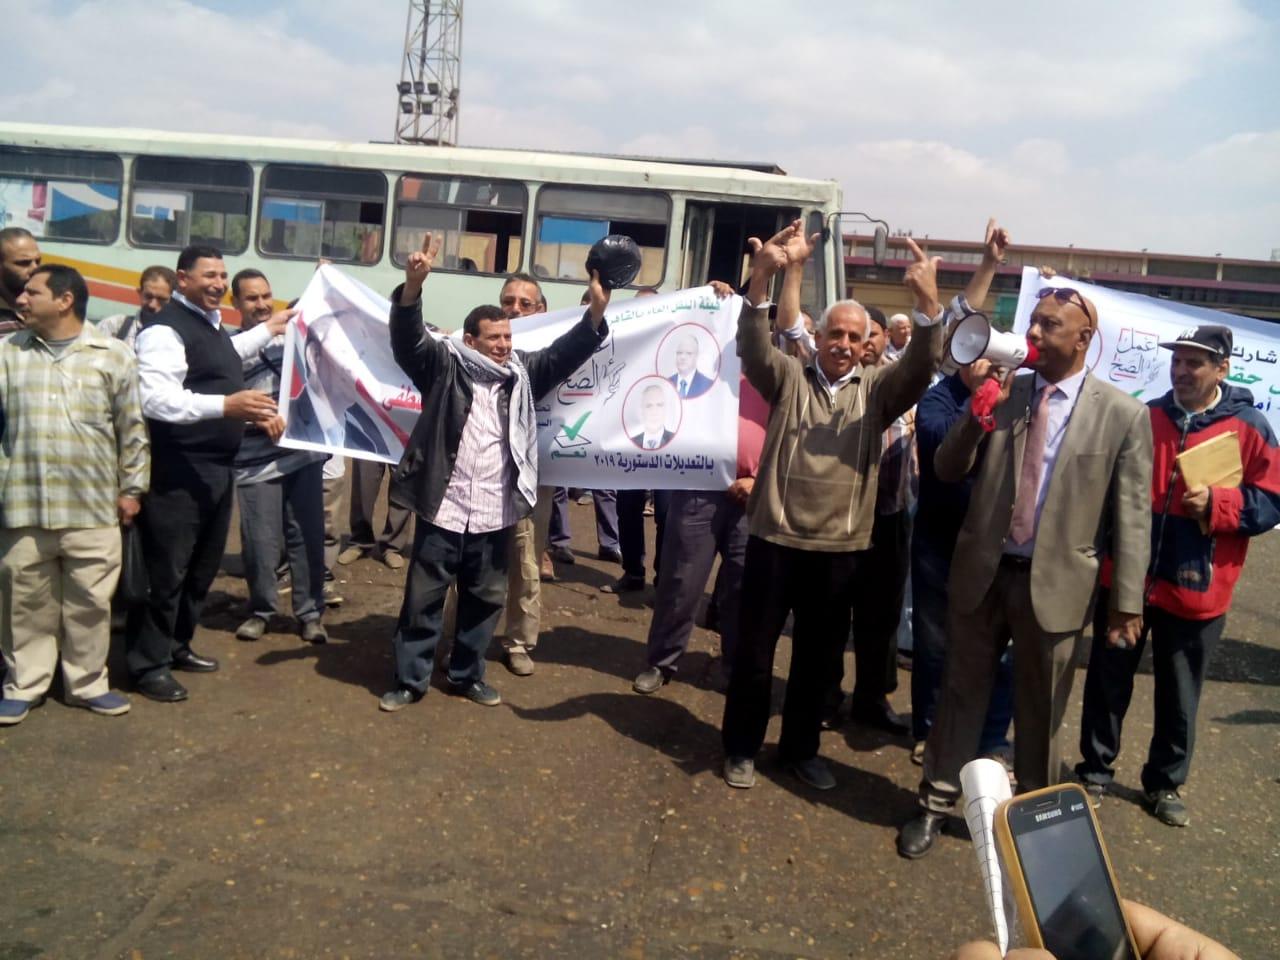 عمال هيئة النقل العام بالقاهرة يشاركون فى استفتاء الدستور (8)